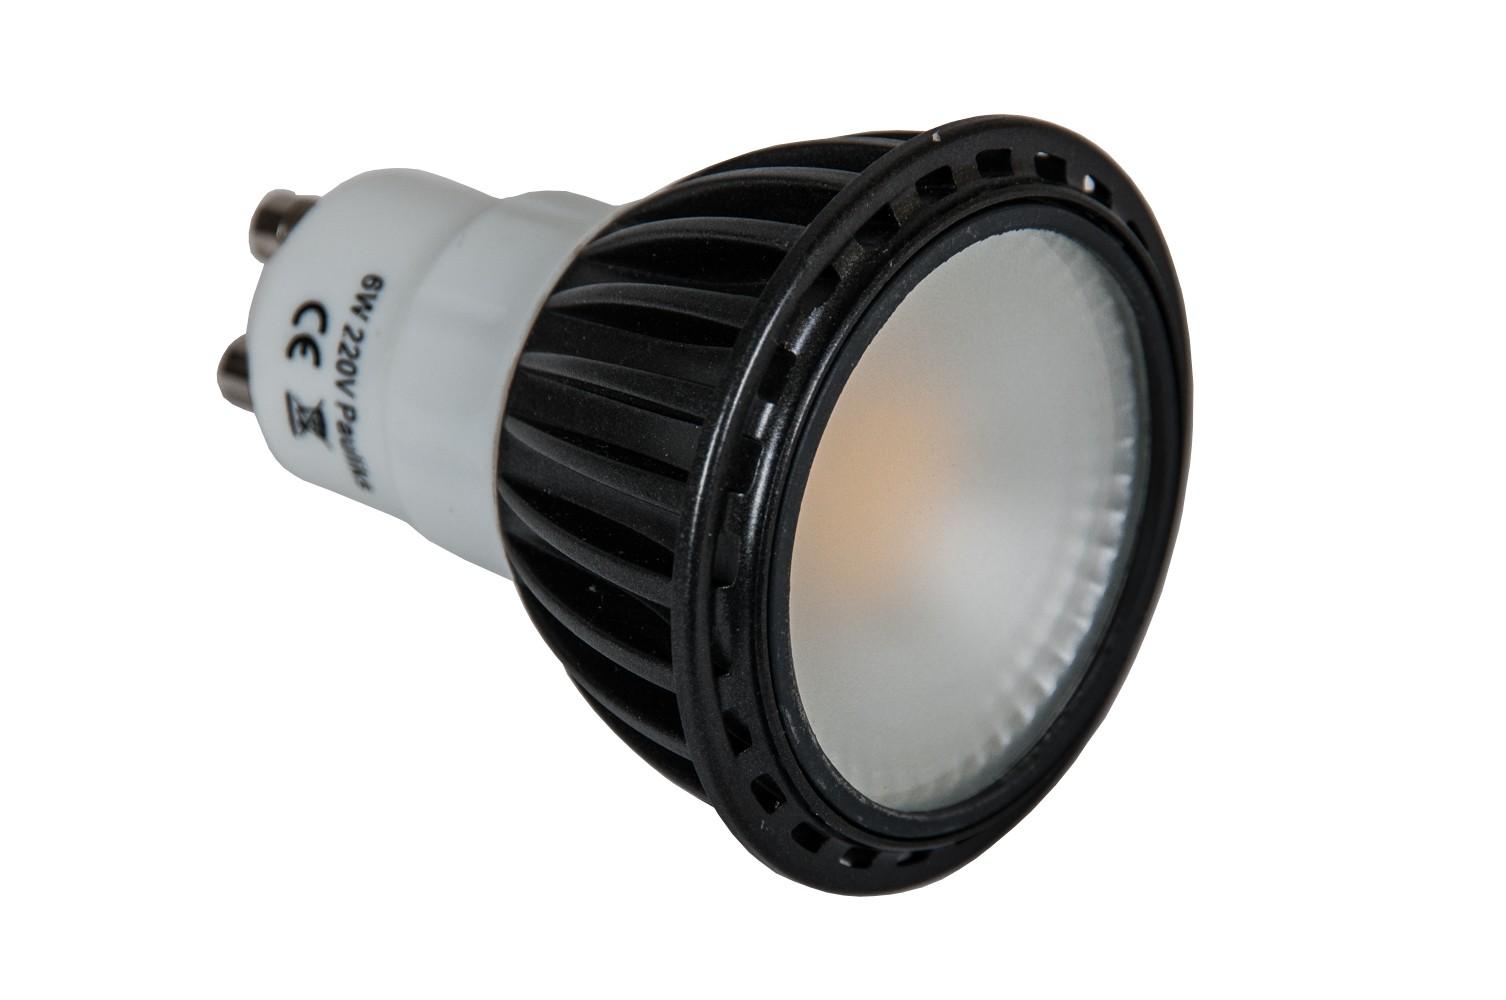 Led lampe cob gu spot watt mr watt leuchte strahler